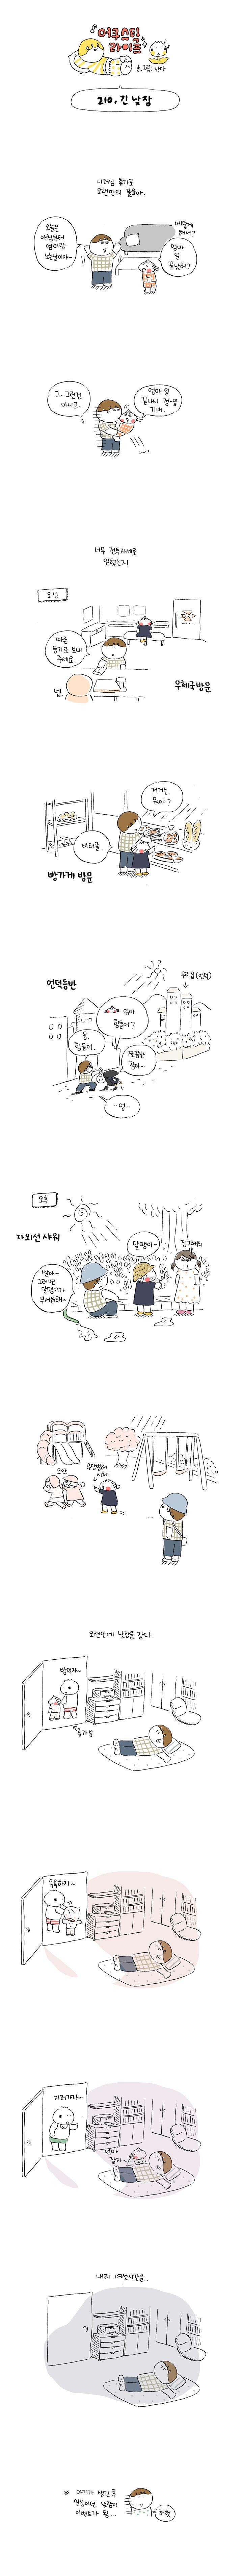 어쿠스틱 라이프 210화 긴 낮잠 - 알콩달콩 공감백배 생활 만담 에피소드 만화!   상상이 시작되는 곳 Daum 웹툰Daum 만화속세상